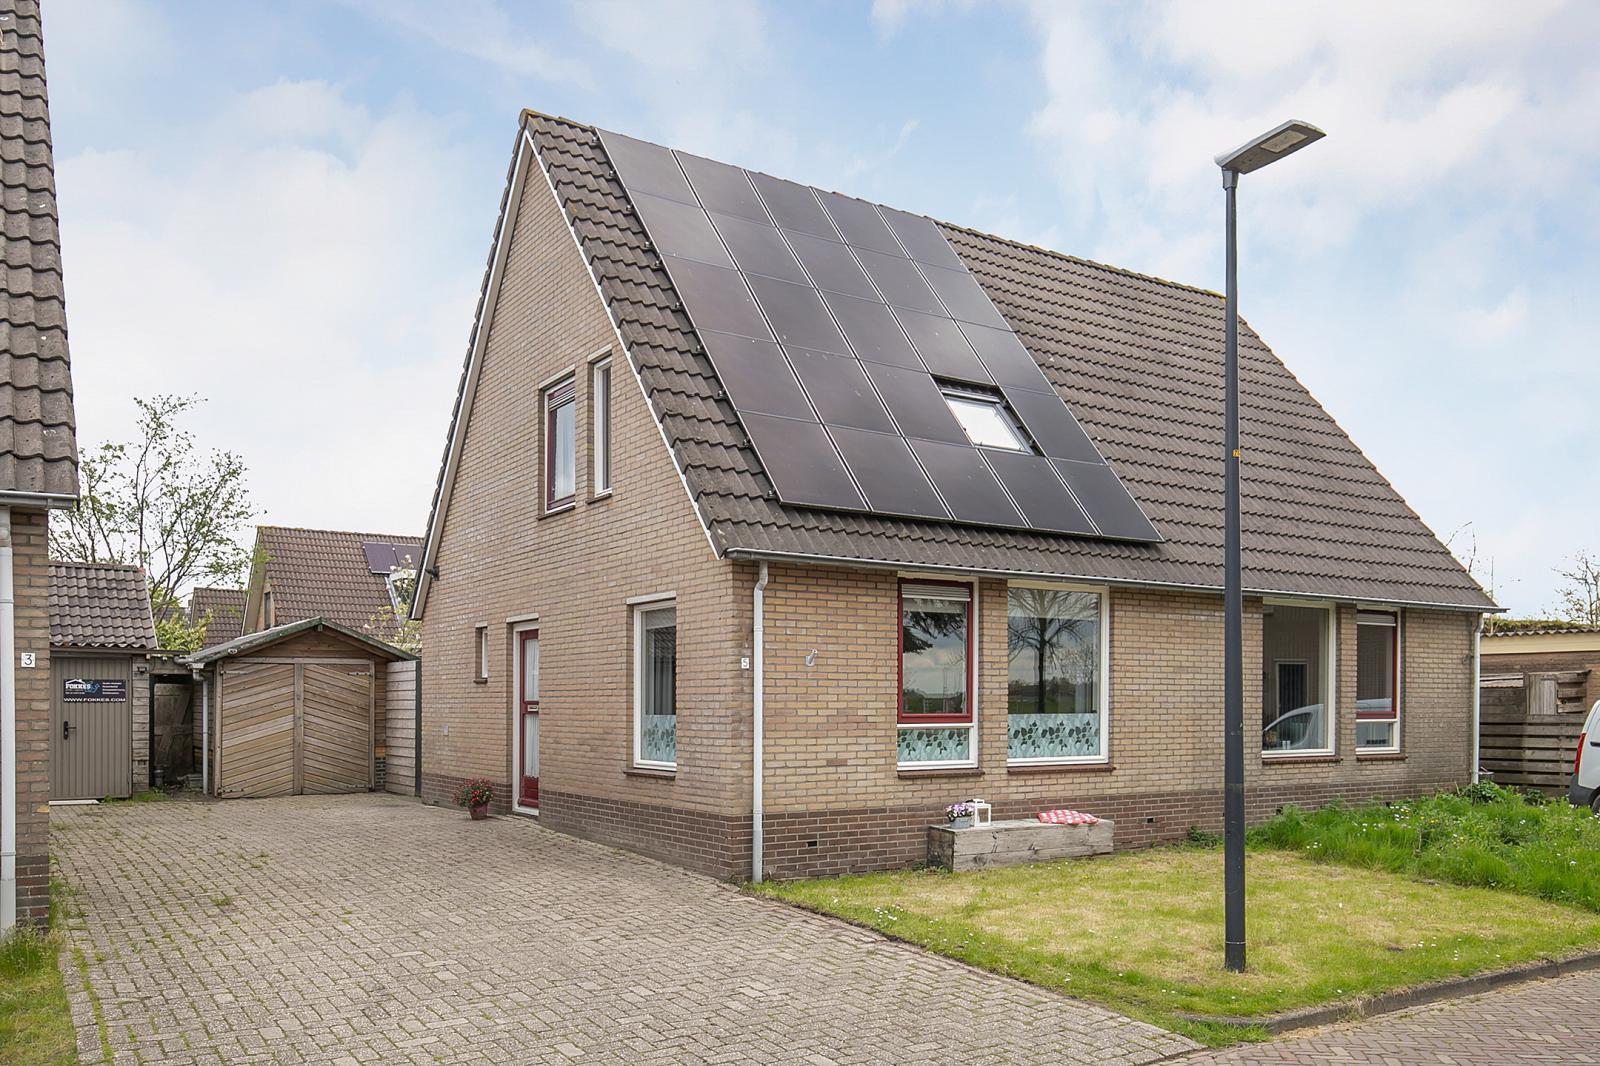 zeino-van-burmaniastrjitte-5-oppenhuizen-1190